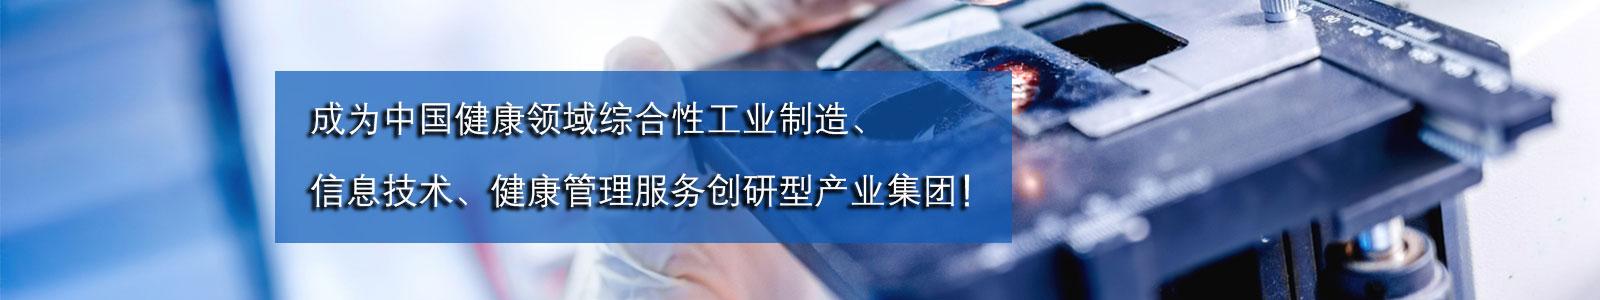 心肺复苏betway必威手机版中文版